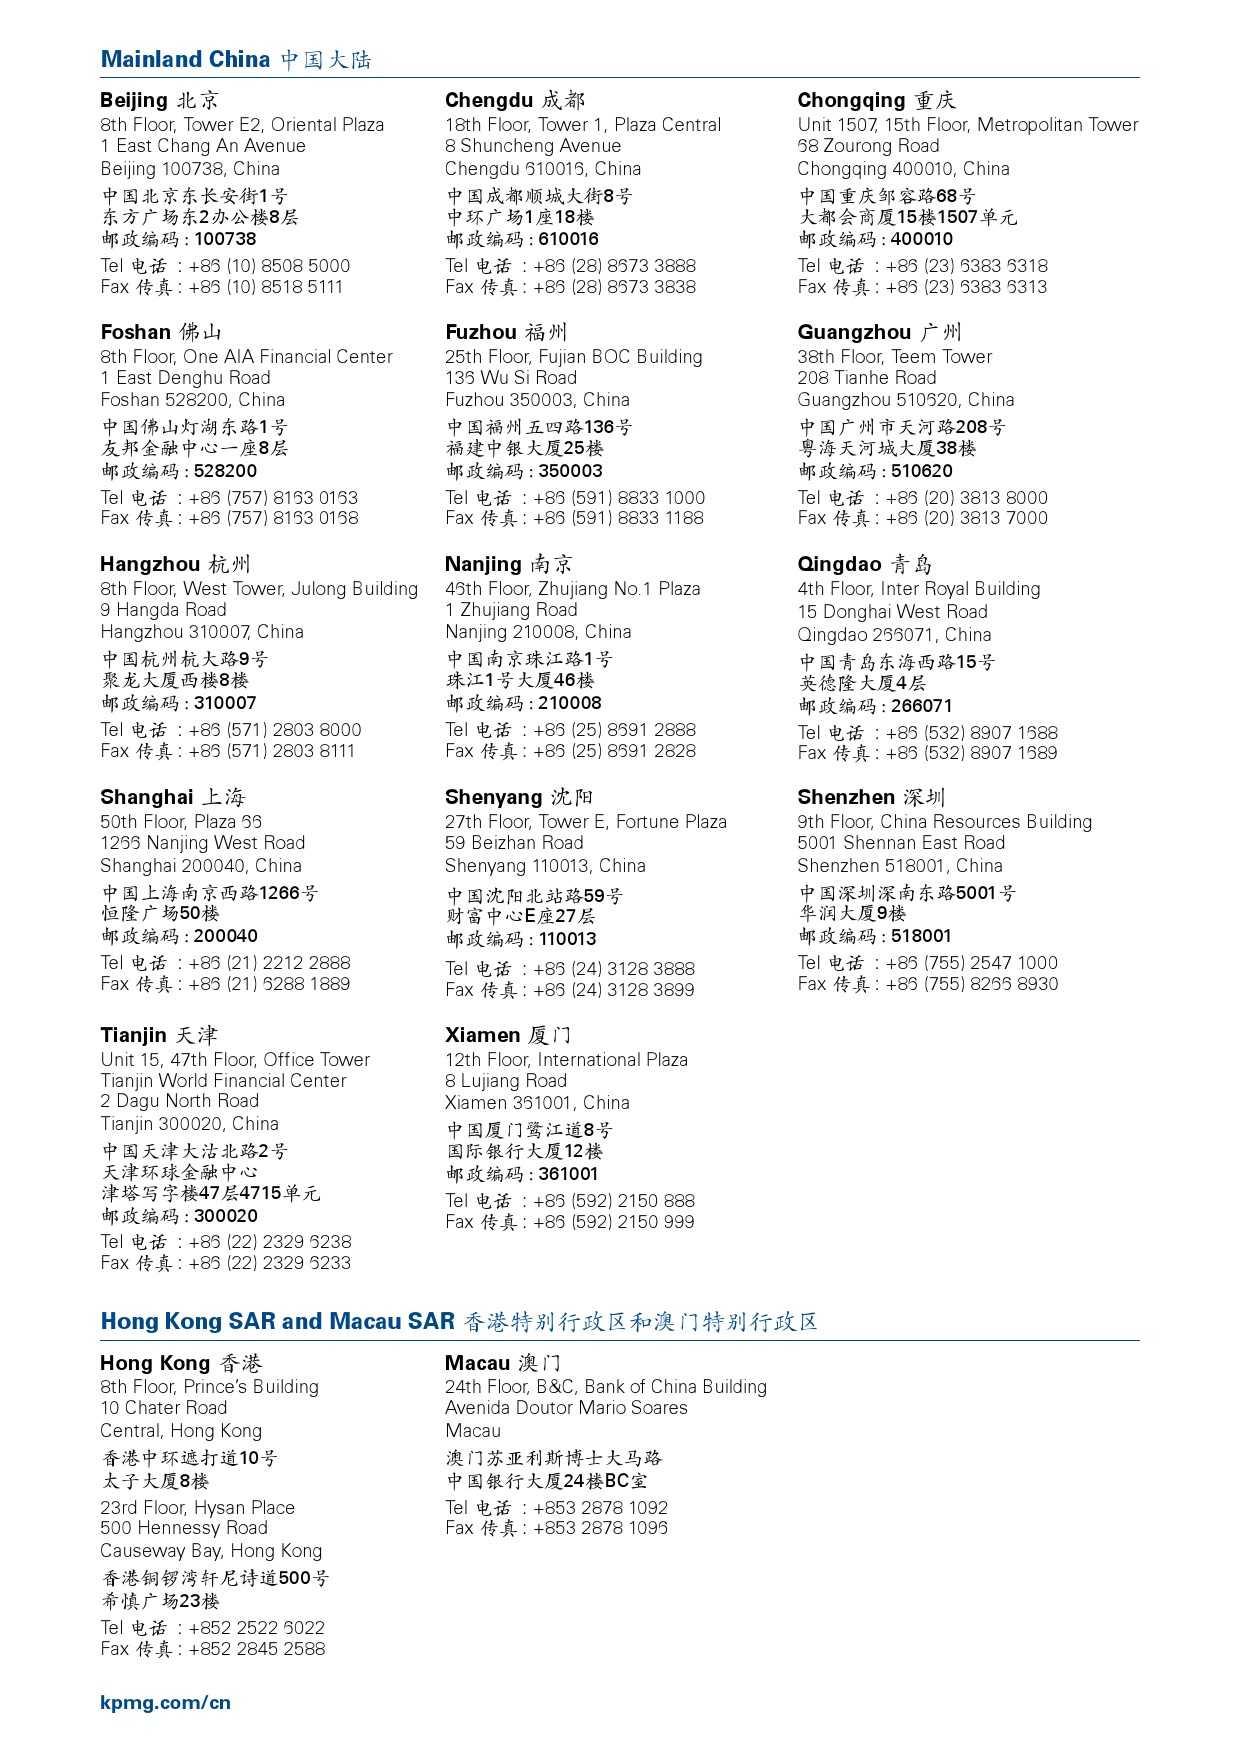 毕马威:2015年中国证券业调查报告_000154